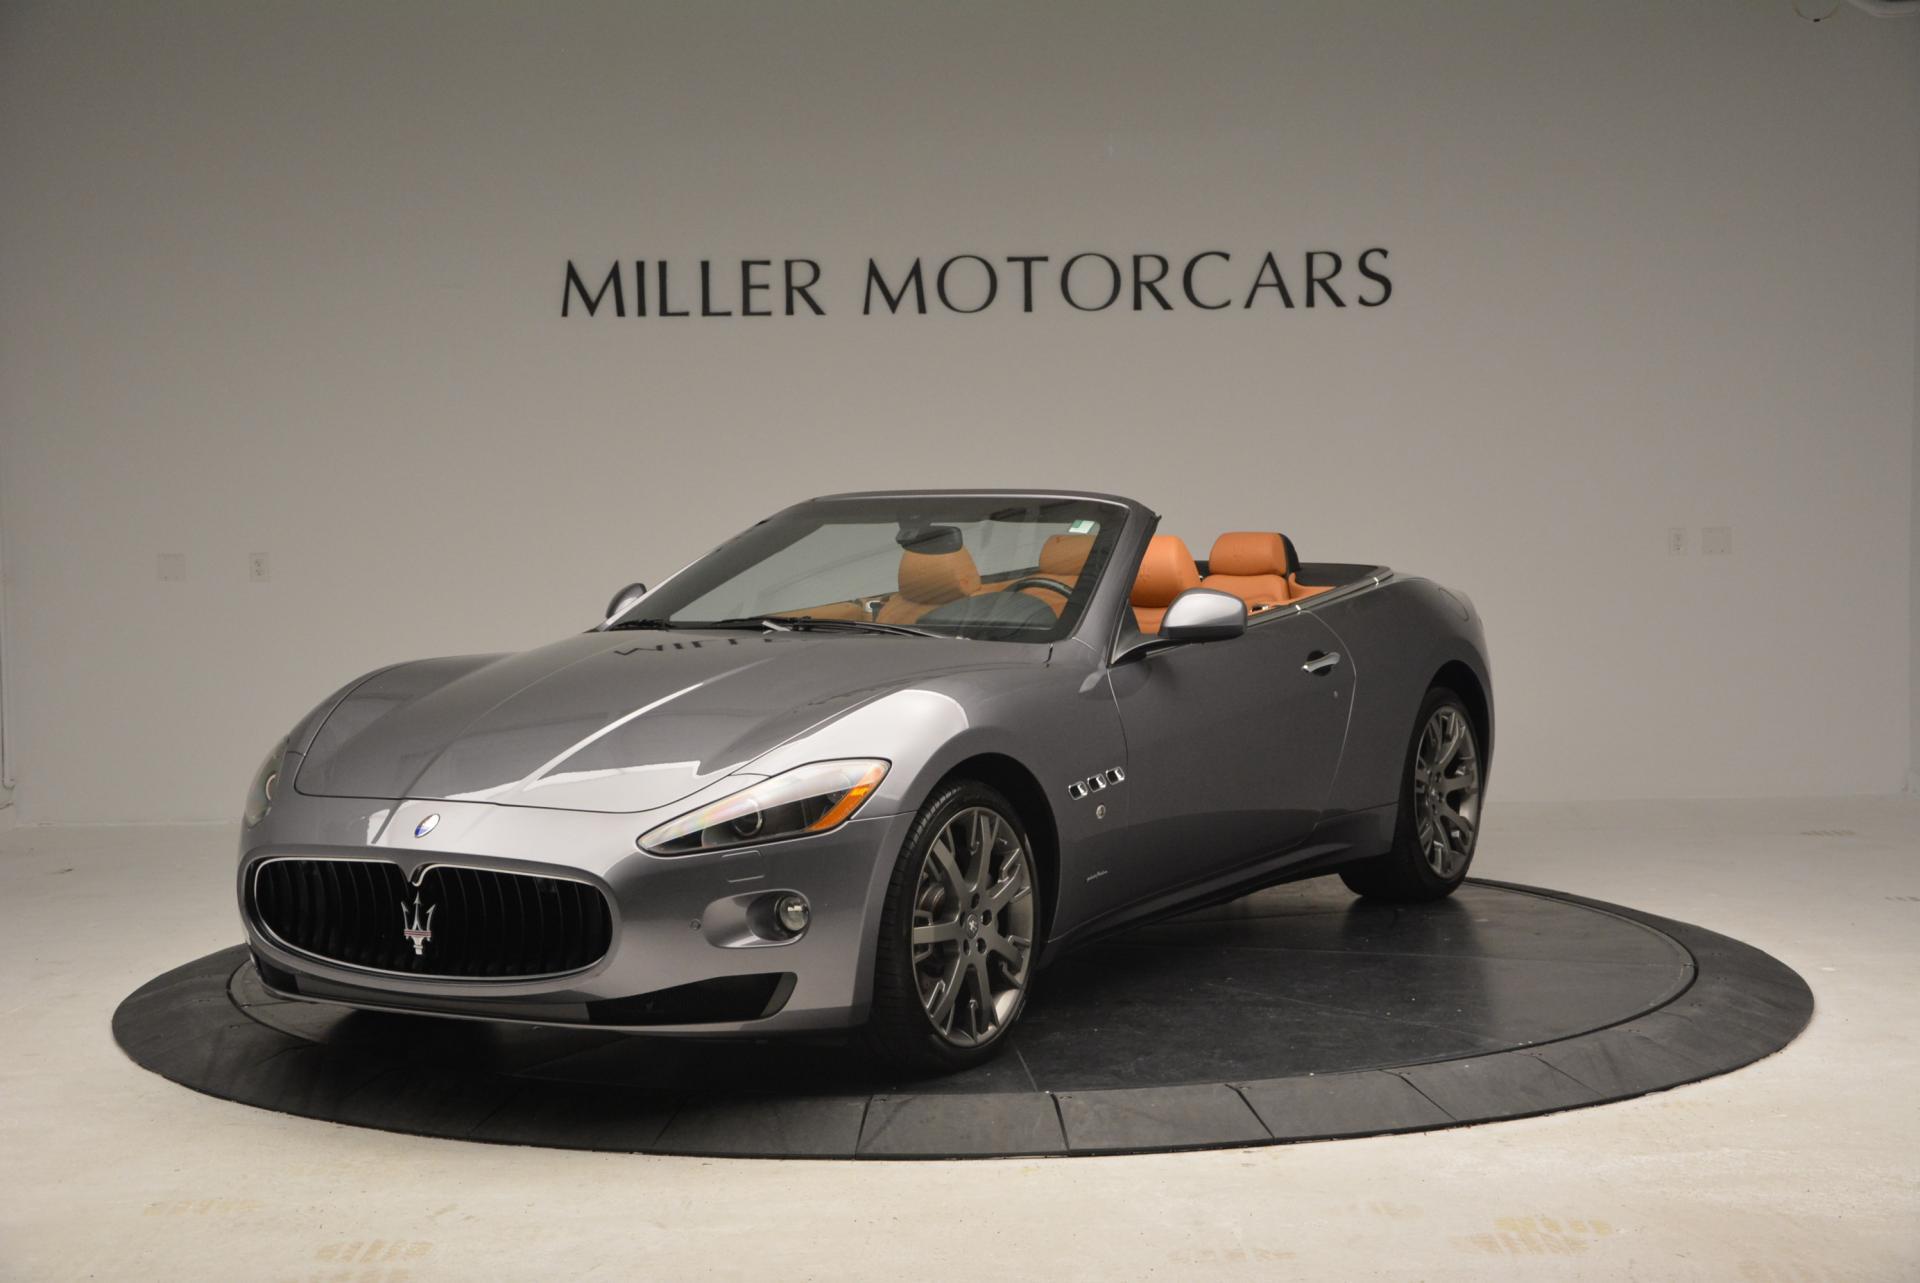 Used 2012 Maserati GranTurismo  For Sale In Greenwich, CT 161_main